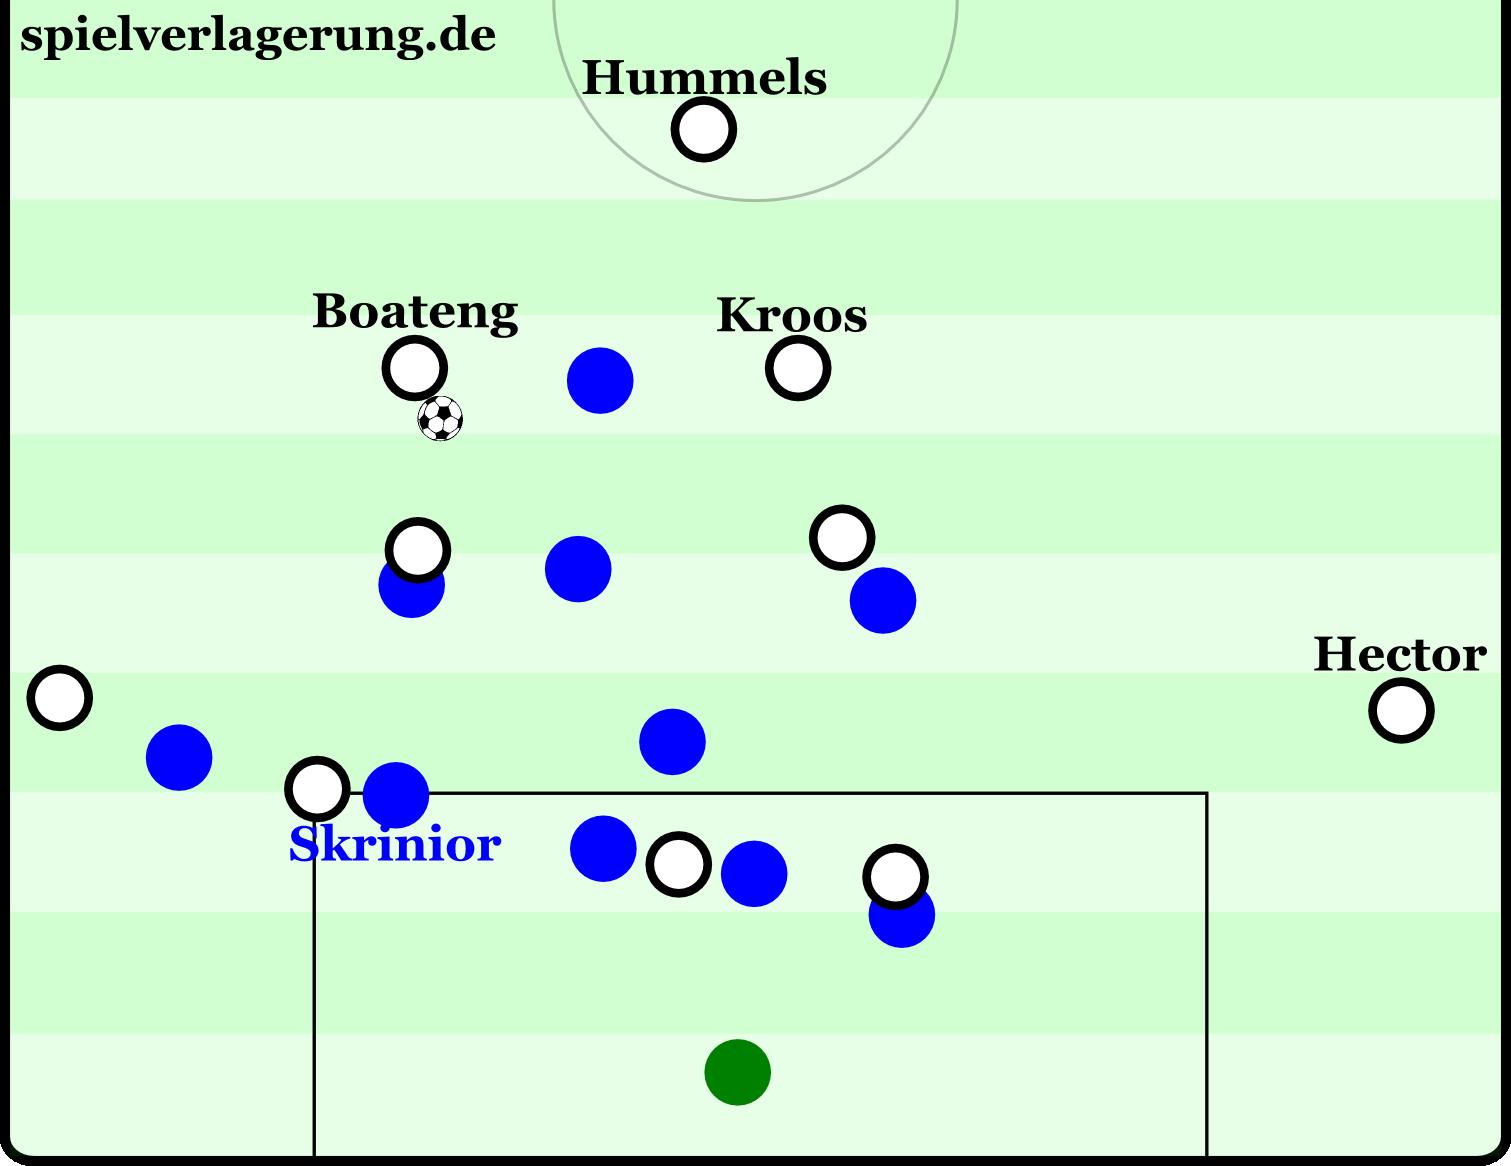 Typische Szene aus dem Spiel: Boateng und Kroos bieten sich im Rückraum an. Vorne hat Deutschland durch die beiden Außenverteidiger viel Breite. Skrinior muss die breite Viererkette auffüllen, die Lücken offenbarte. In dieser Szene verlagert Boateng das Spiel auf Hector, aus dessen Hereingabe entsteht eine Schusschance aus dem Rückraum.